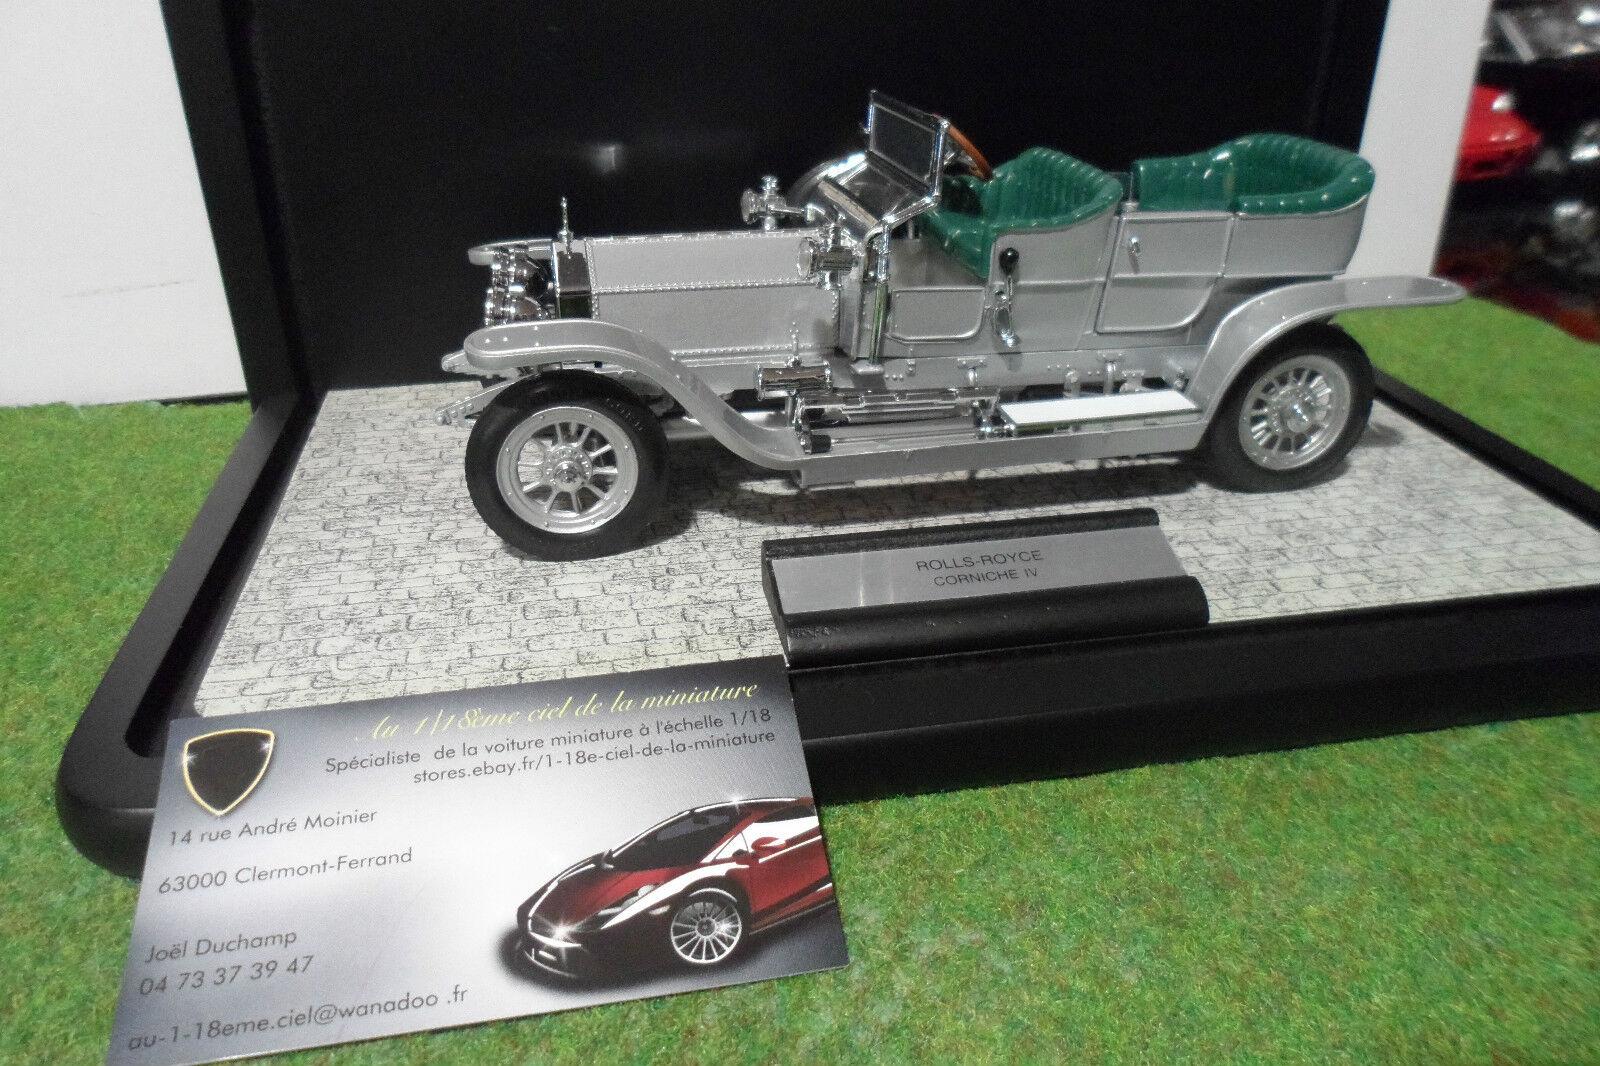 Tu satisfacción es nuestro objetivo ROLLS ROYCE  plata GHOST 1907 + vitrine au 1 1 1 24 FRANKLIN MINT voiture miniature  venta al por mayor barato